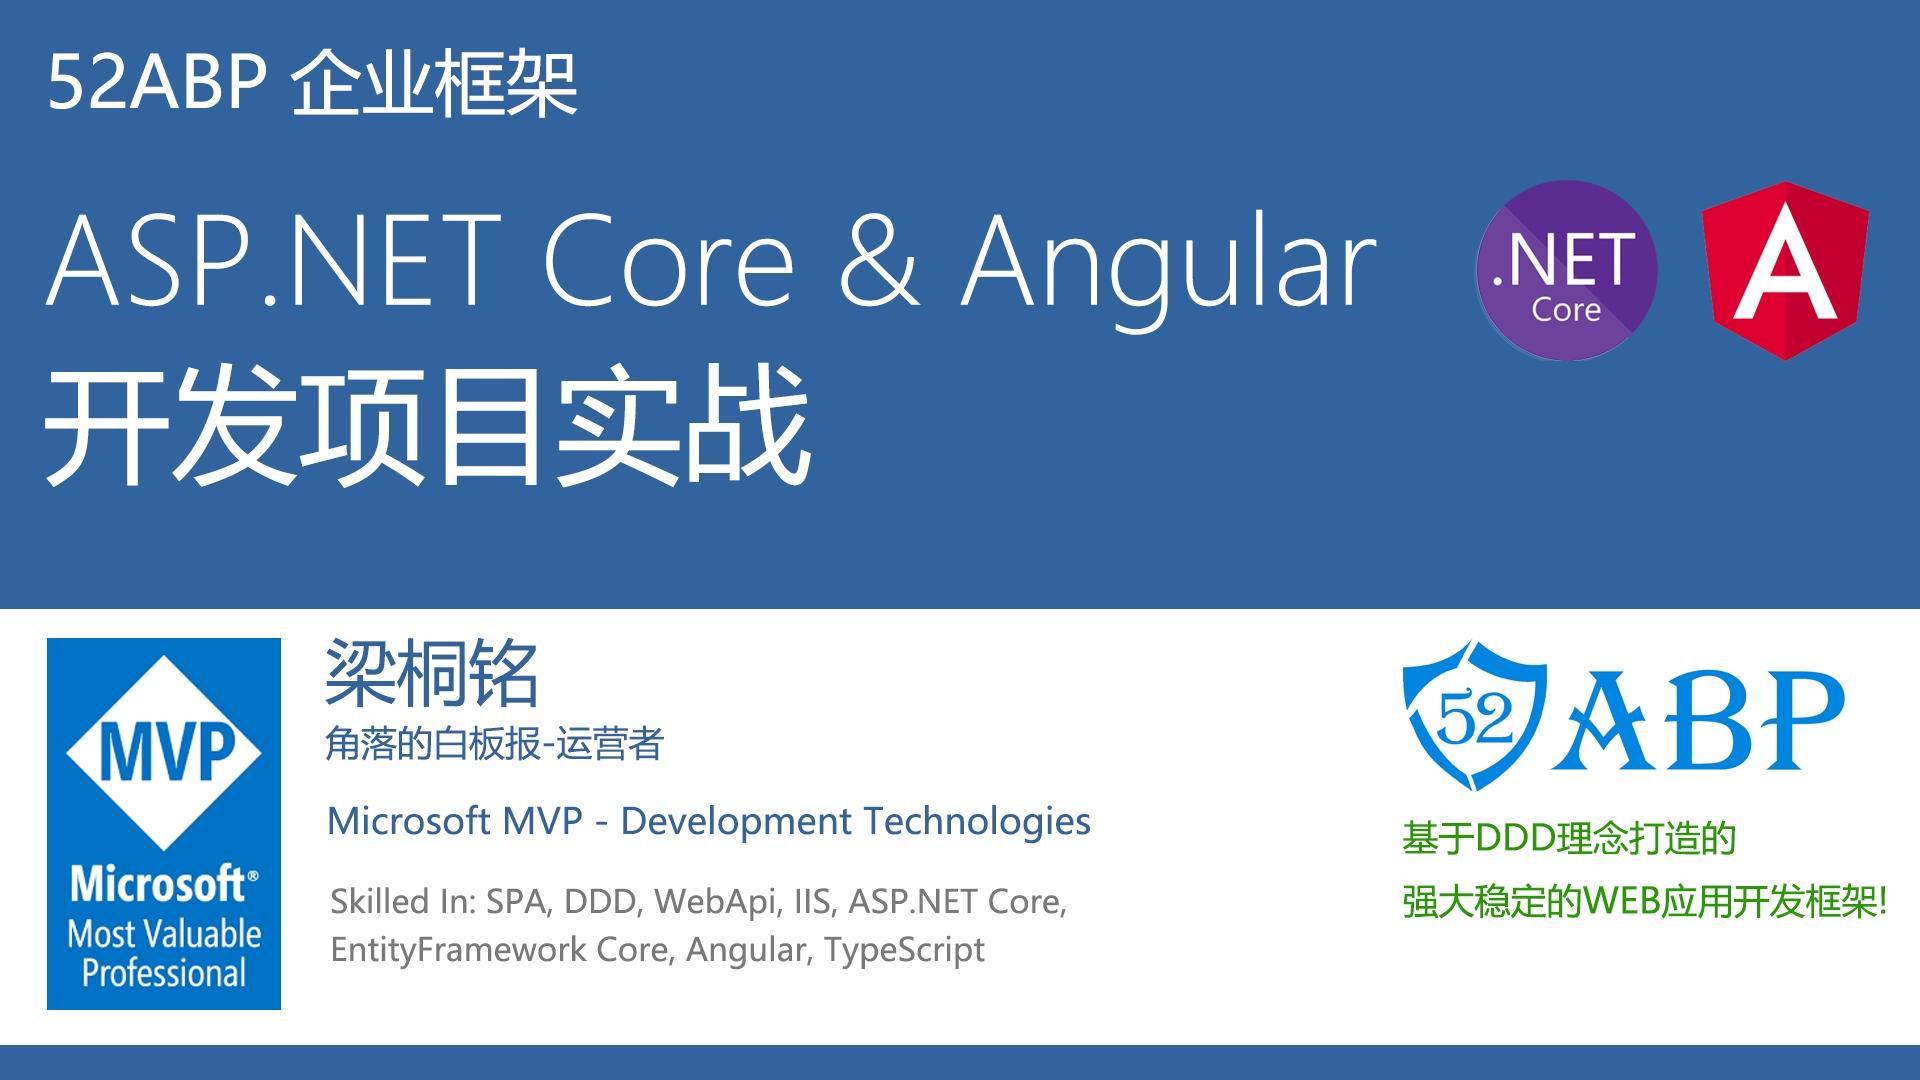 课程52ABP框架ASP.NET Core与Angular开发教程的封面